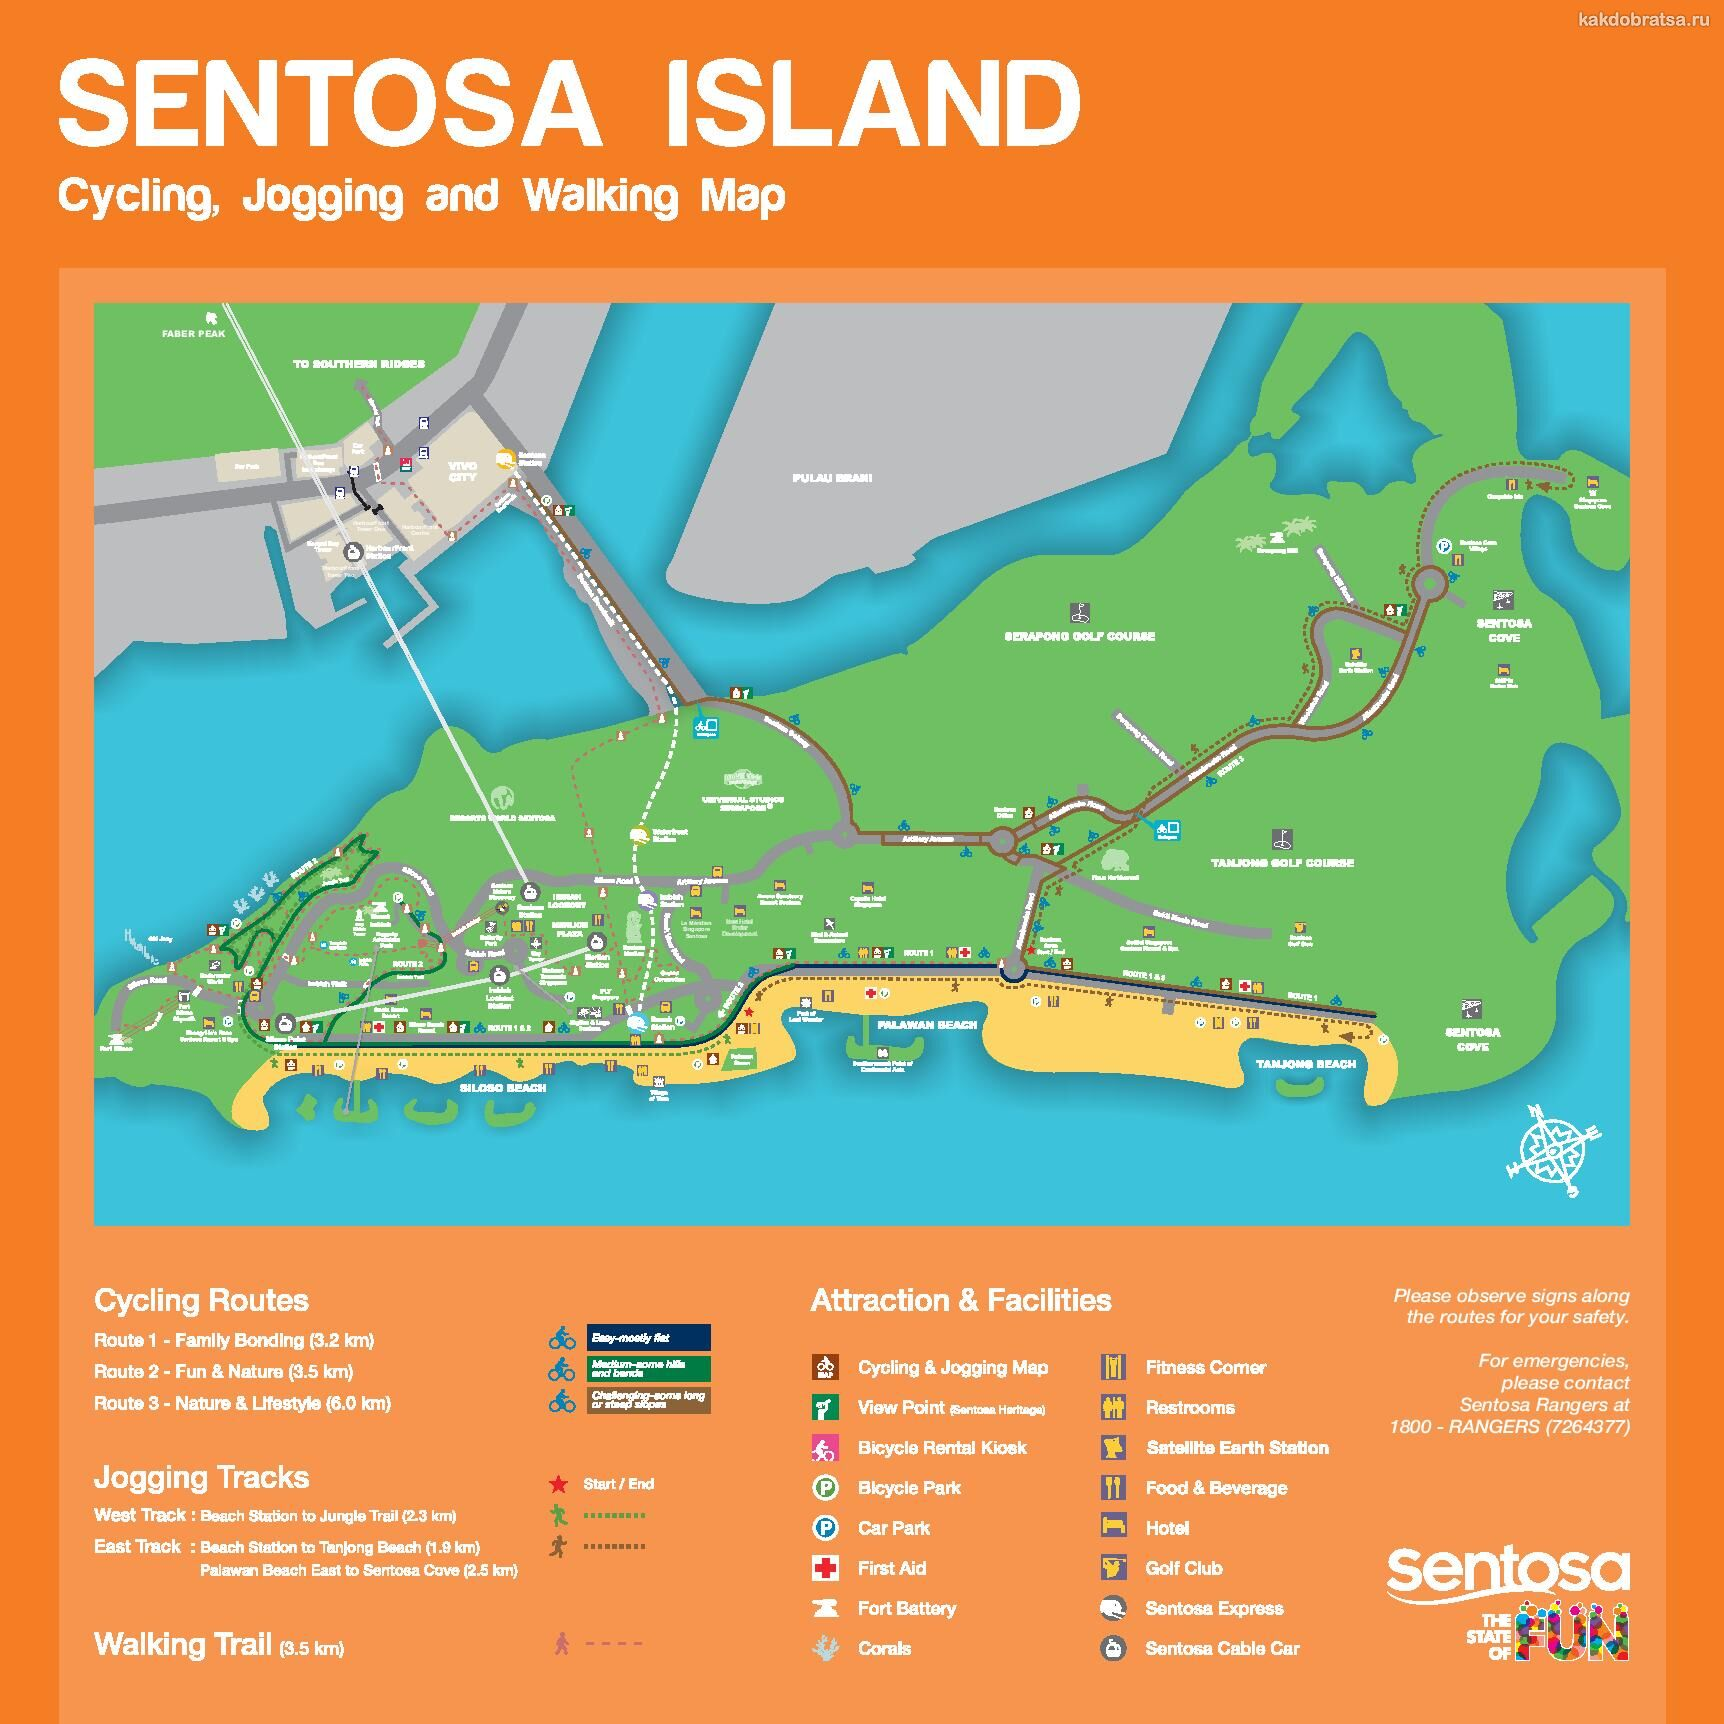 Сентоза карта пляжей и велодорожек